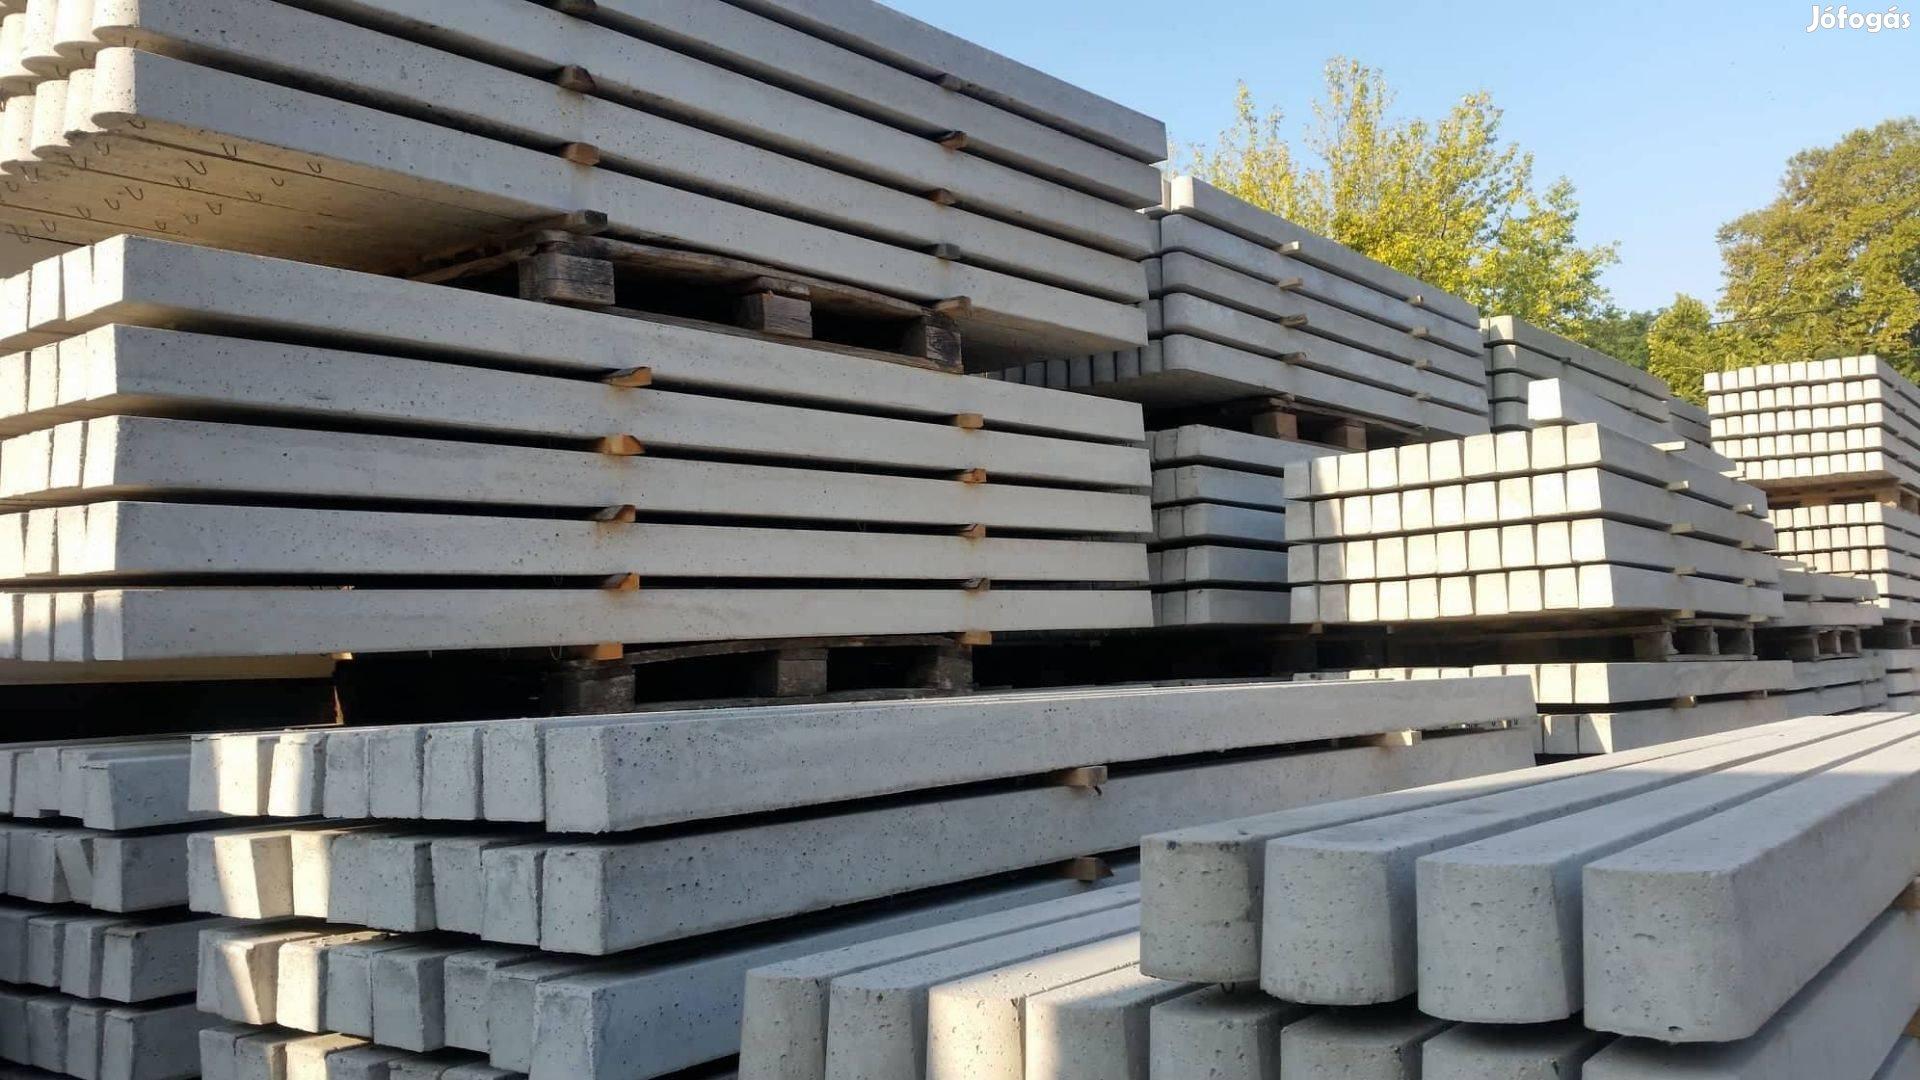 Betonoszlop, kerítés oszlop vadháló drótháló drótfonat kerítésdrót